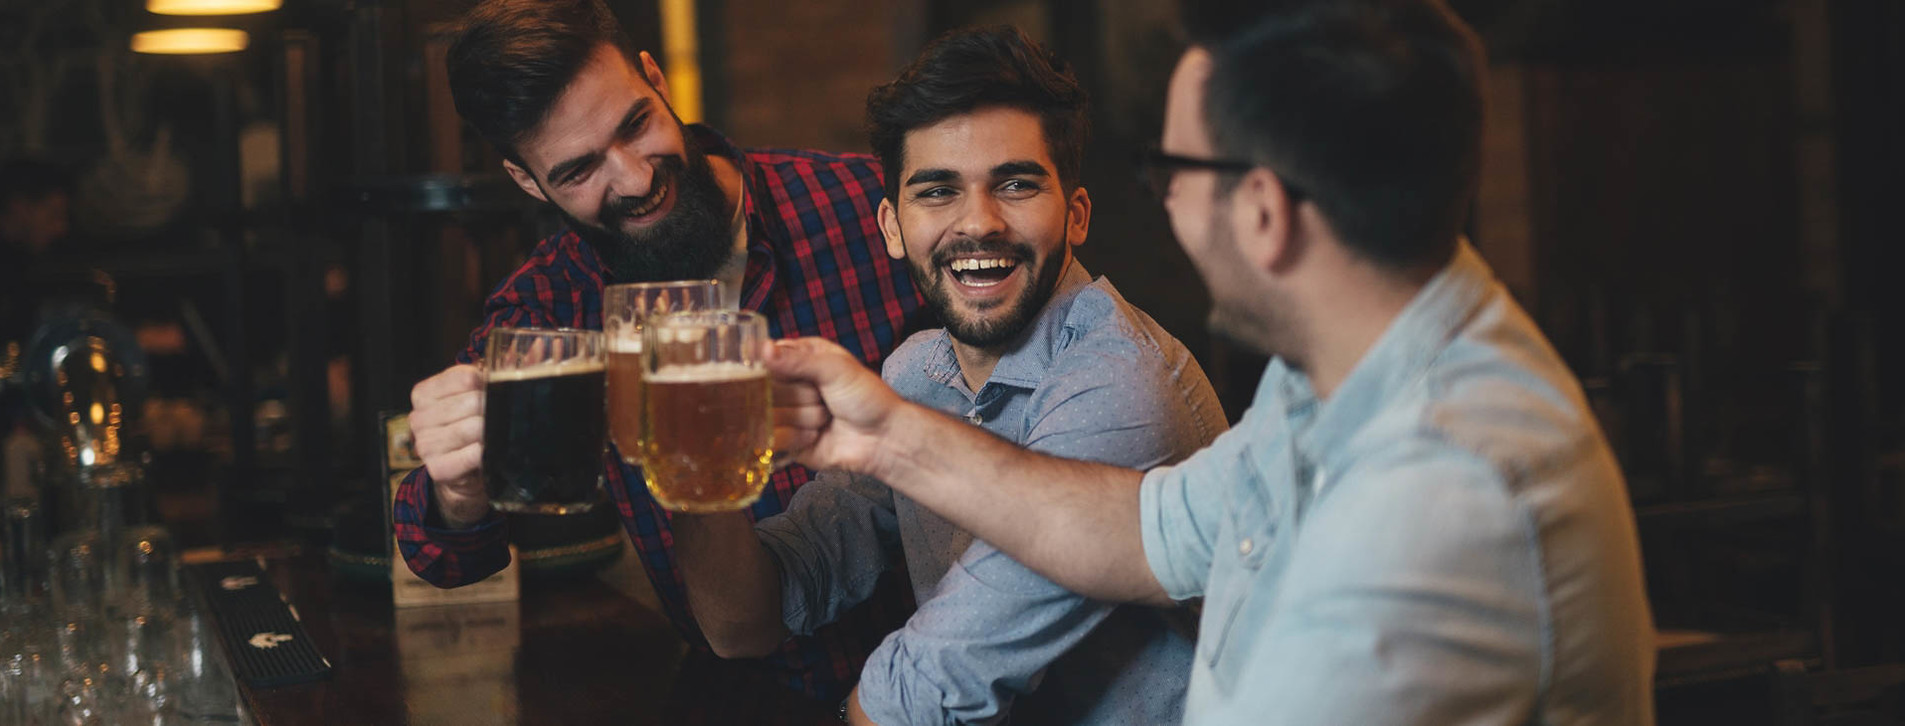 Фото 1 - Дегустация крафтового пива для компании